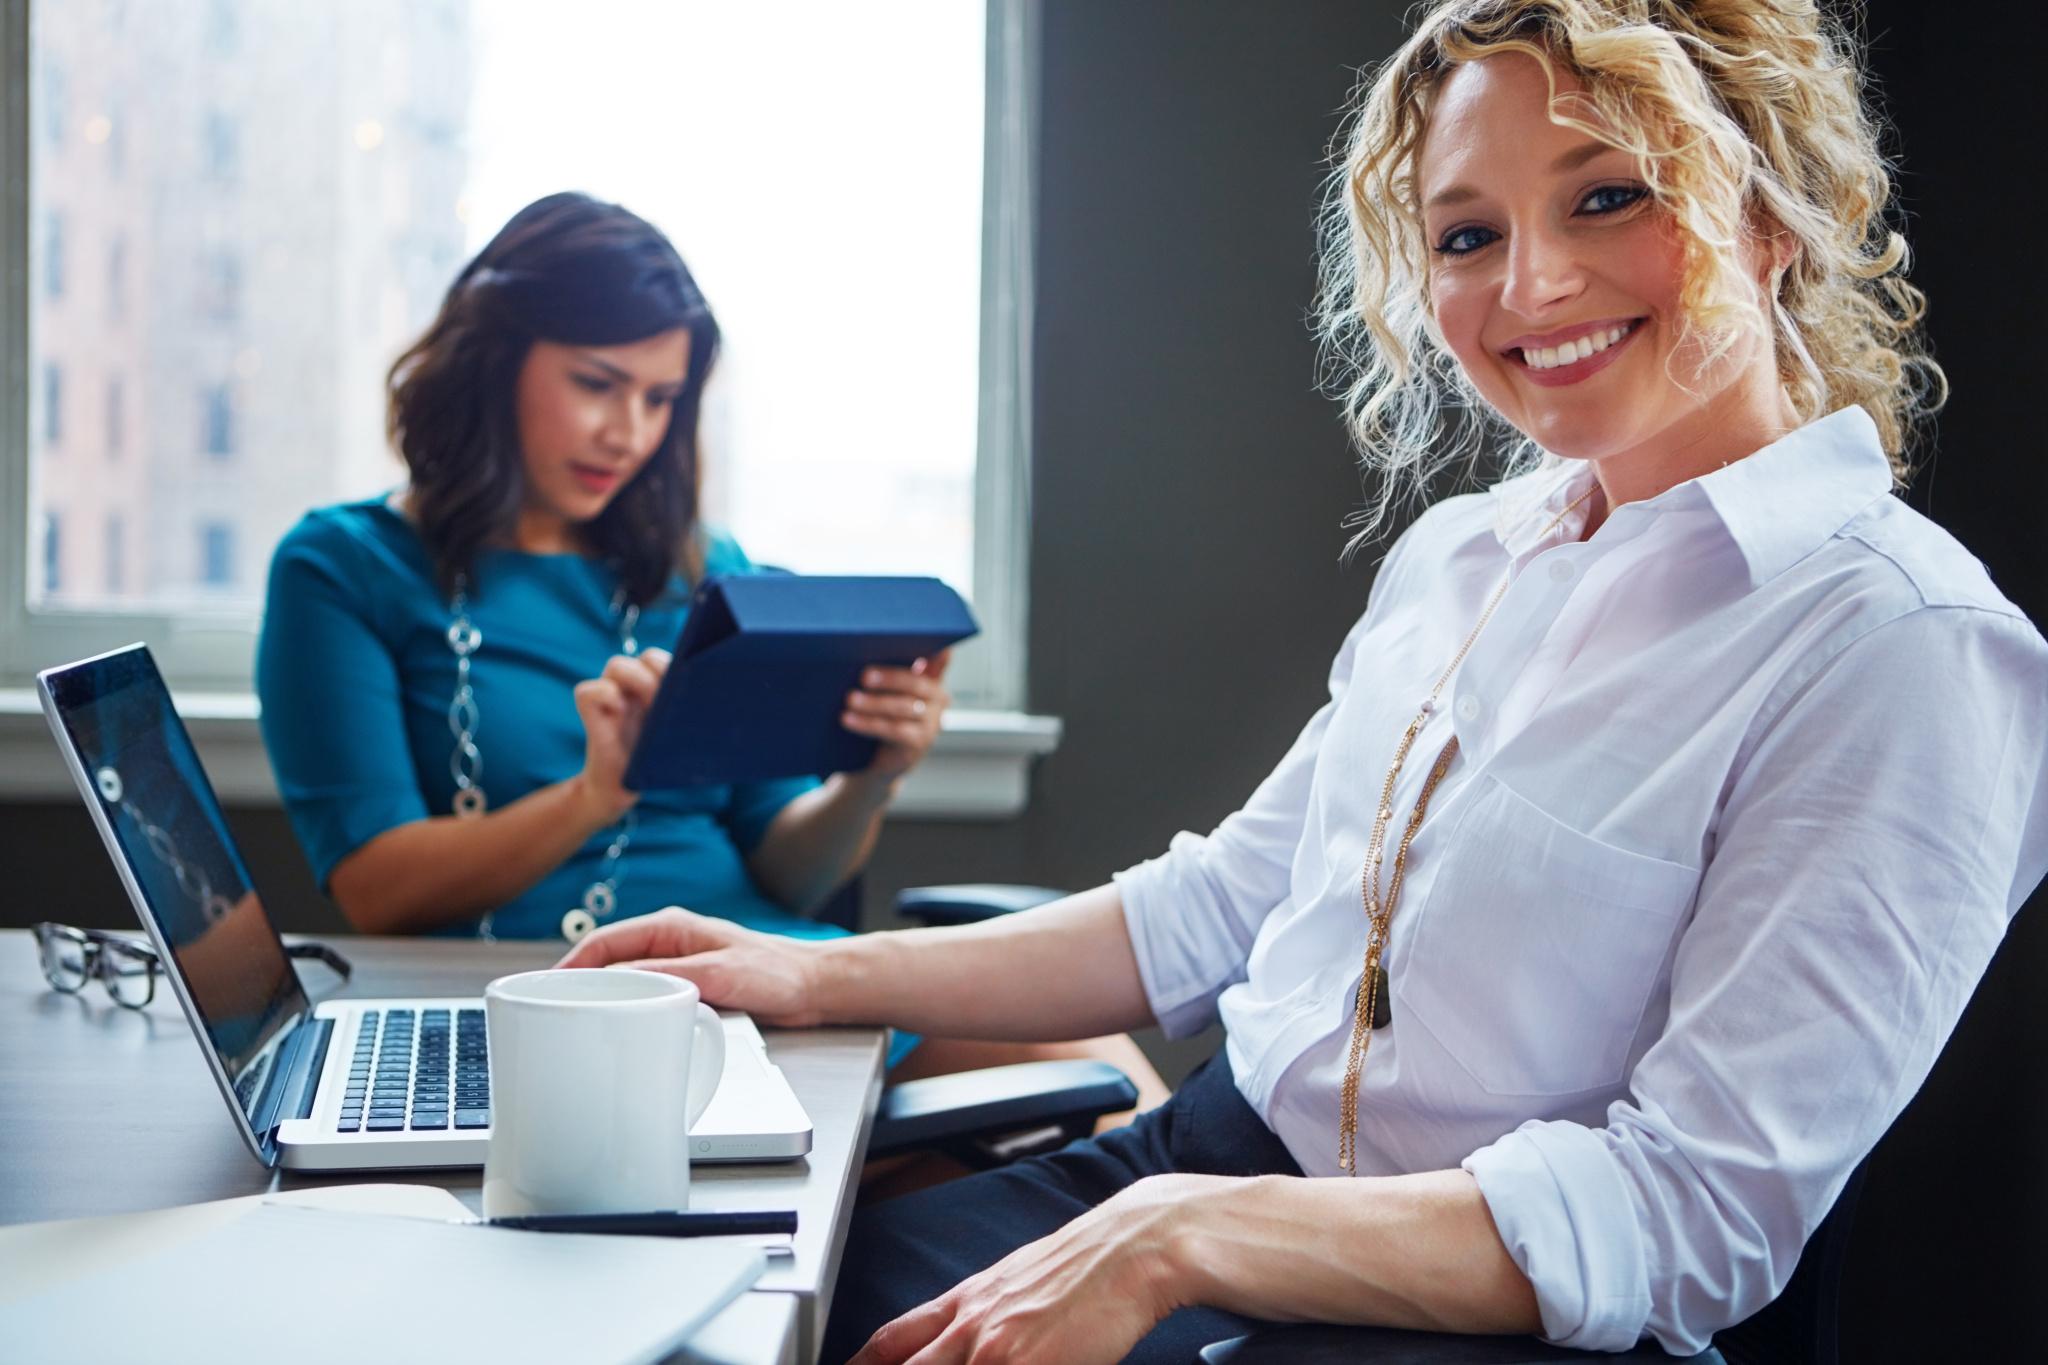 面试问题回答技巧:工资和工作哪个重要?